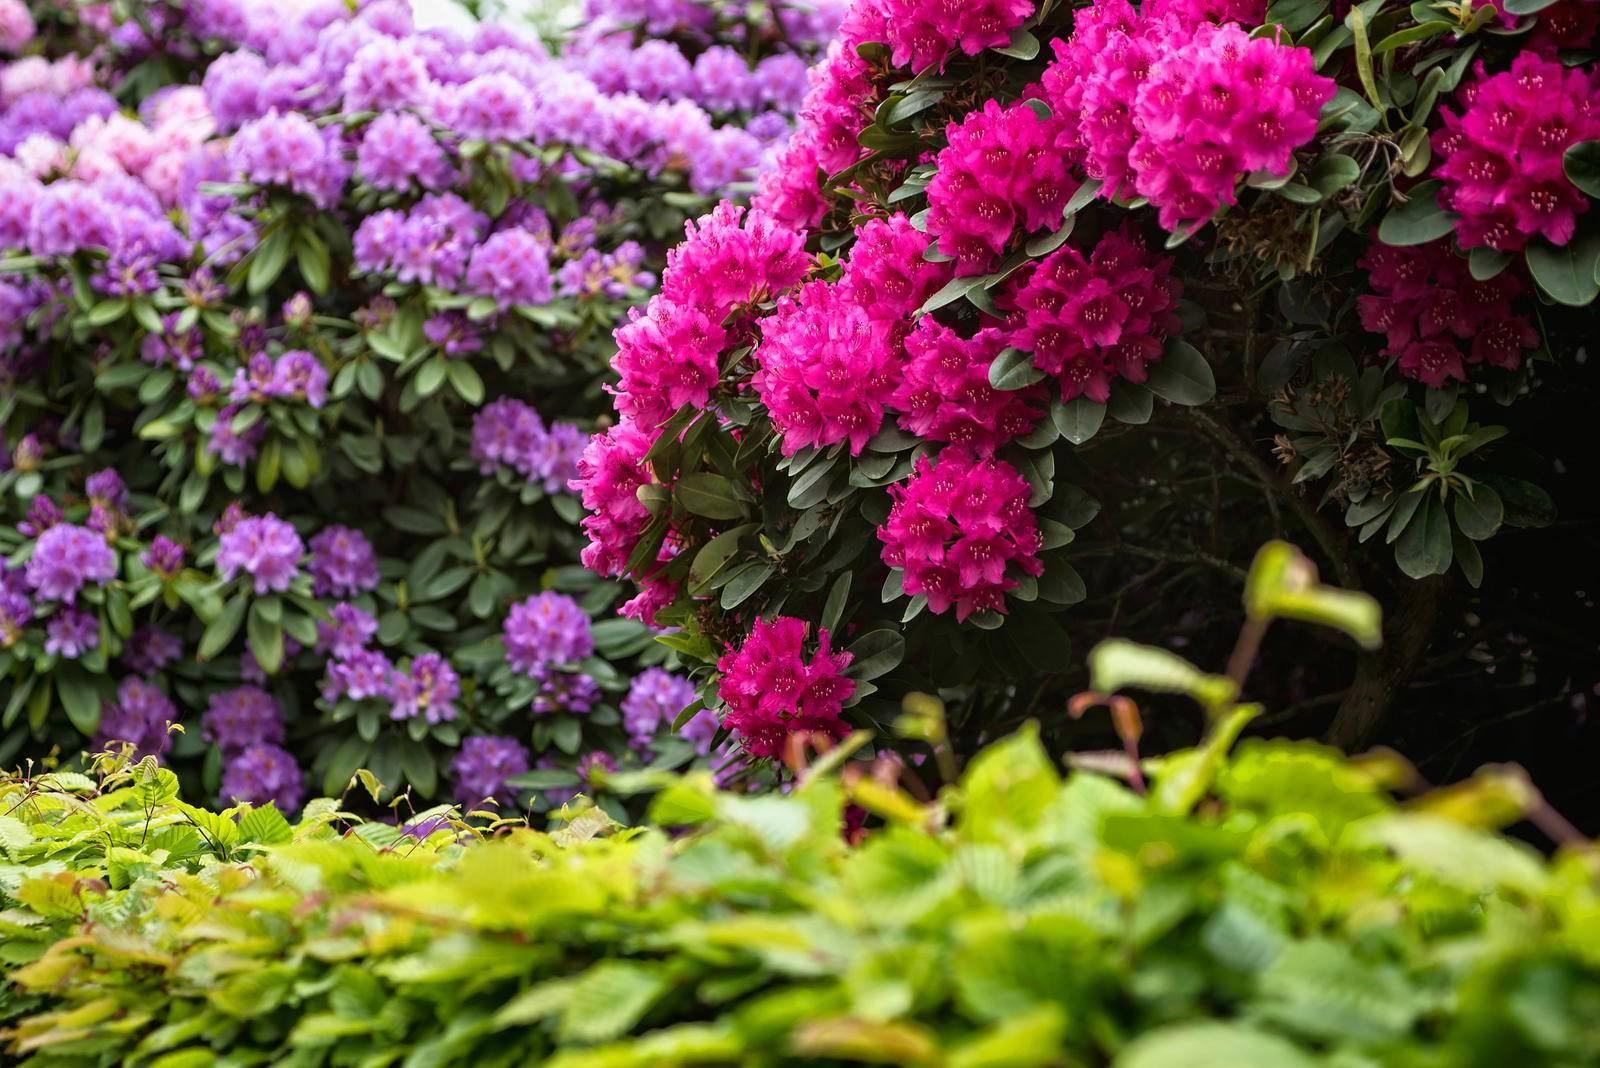 Выращивание и уход за фуксией садовой многолетней на улице летом